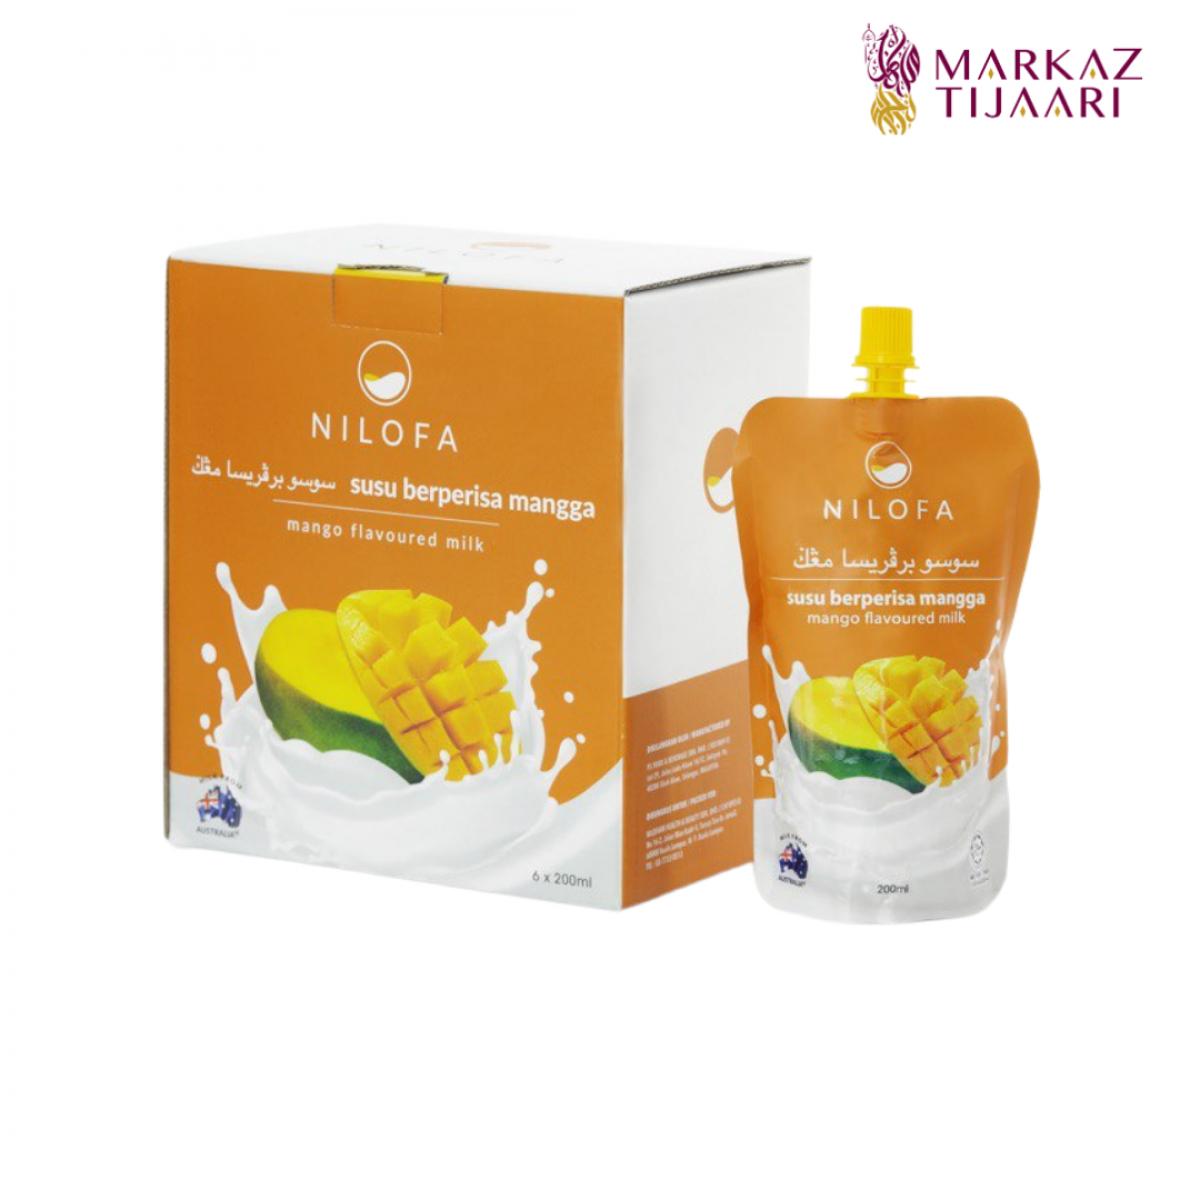 Nilofa Mango Flavoured Milk - Set (6 Pouch) - MARKAZ TIJAARI